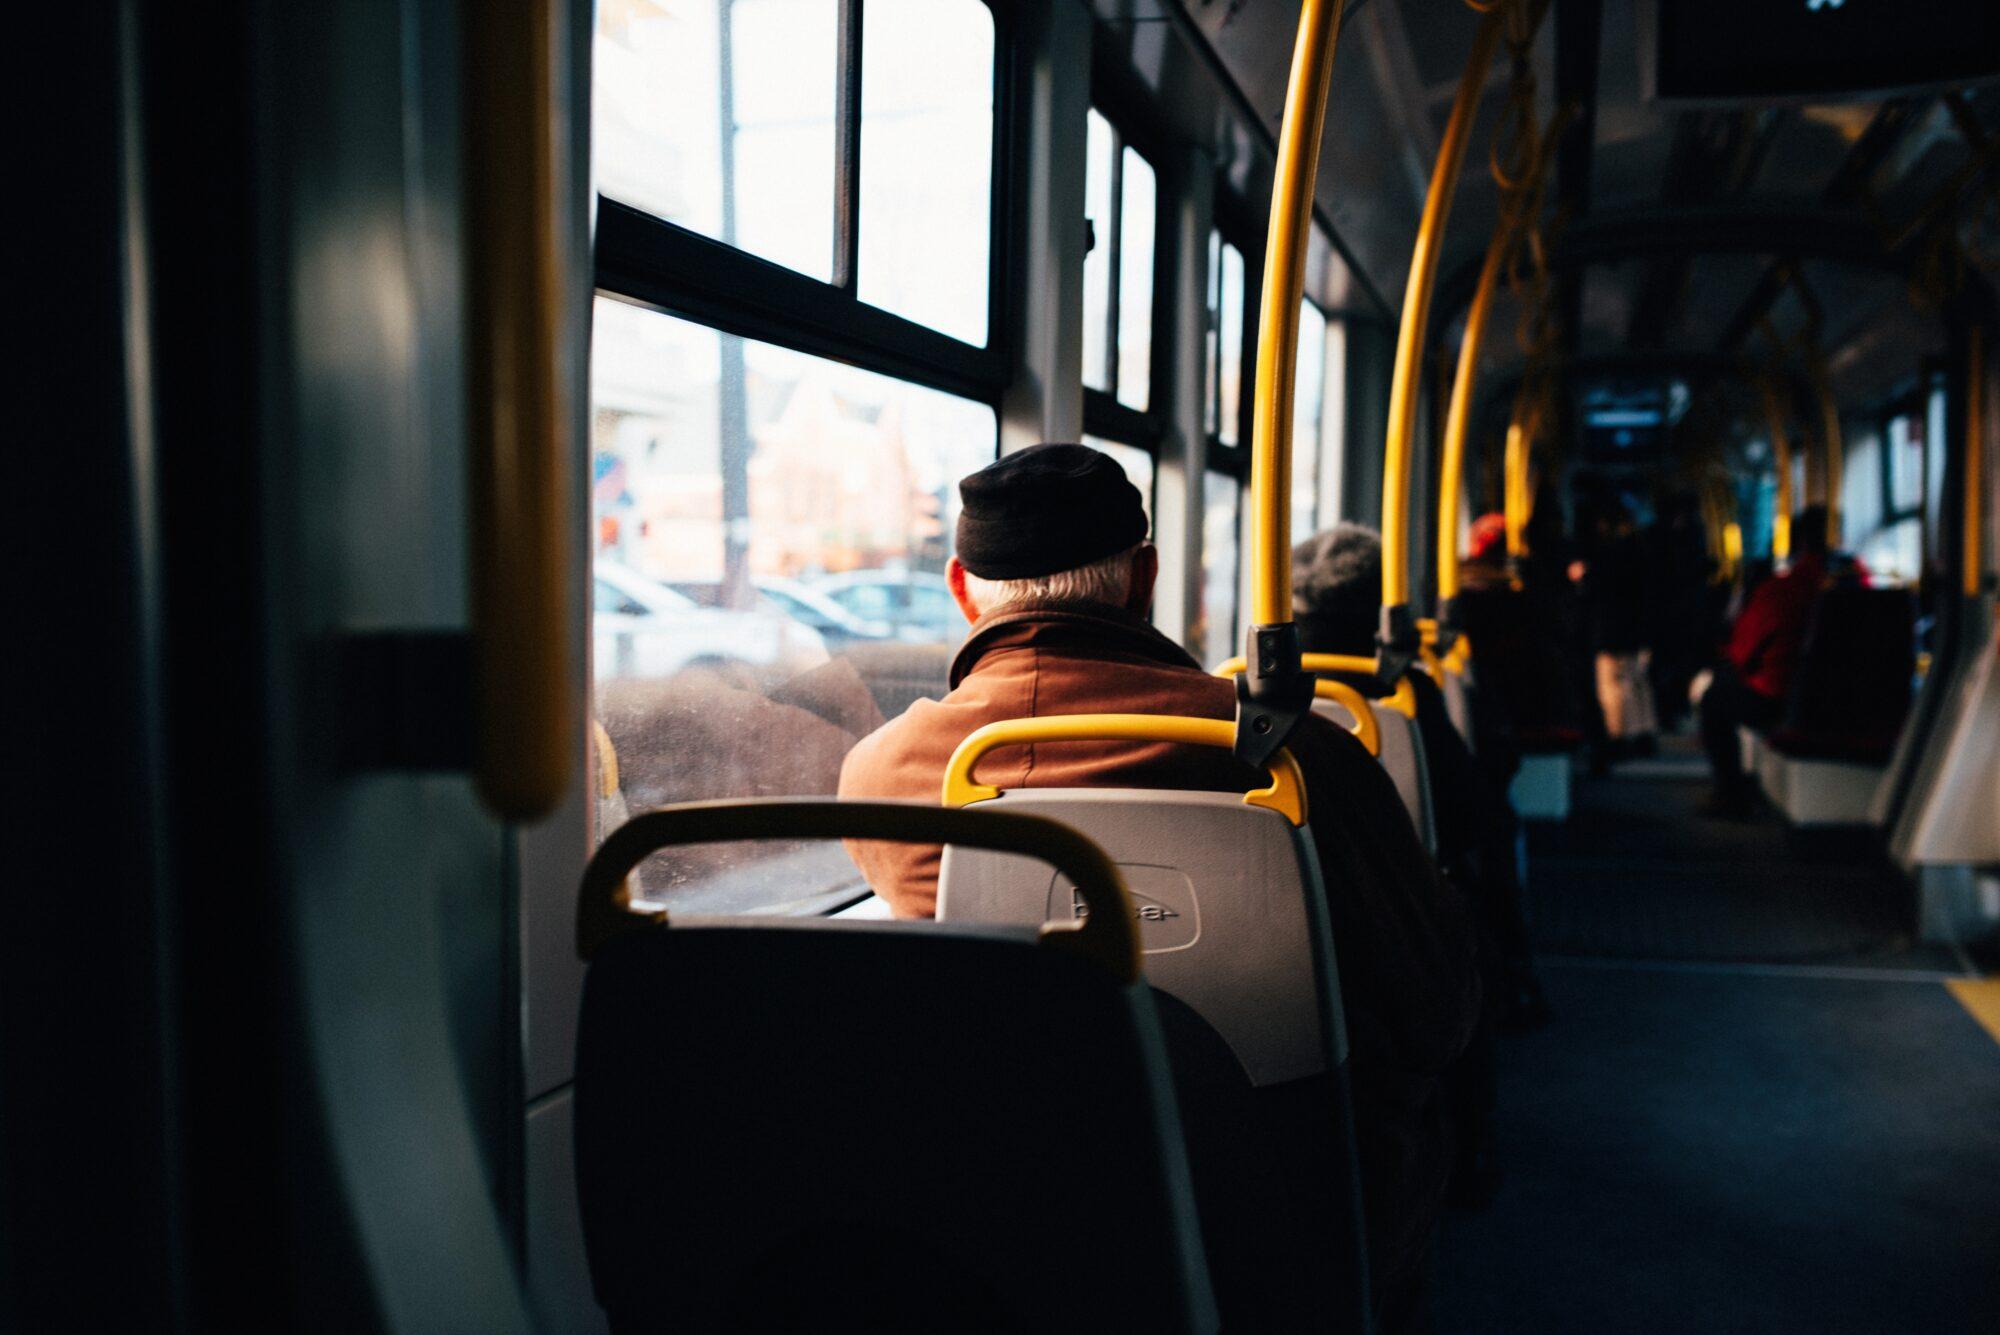 Кілька перевізників Київщини підвищили вартість проїзду без погодження з управлінням - тарифи, маршрутки, громадський транспорт, вартість проїзду - interior of a city bus with yellow holding rails 2000x1335